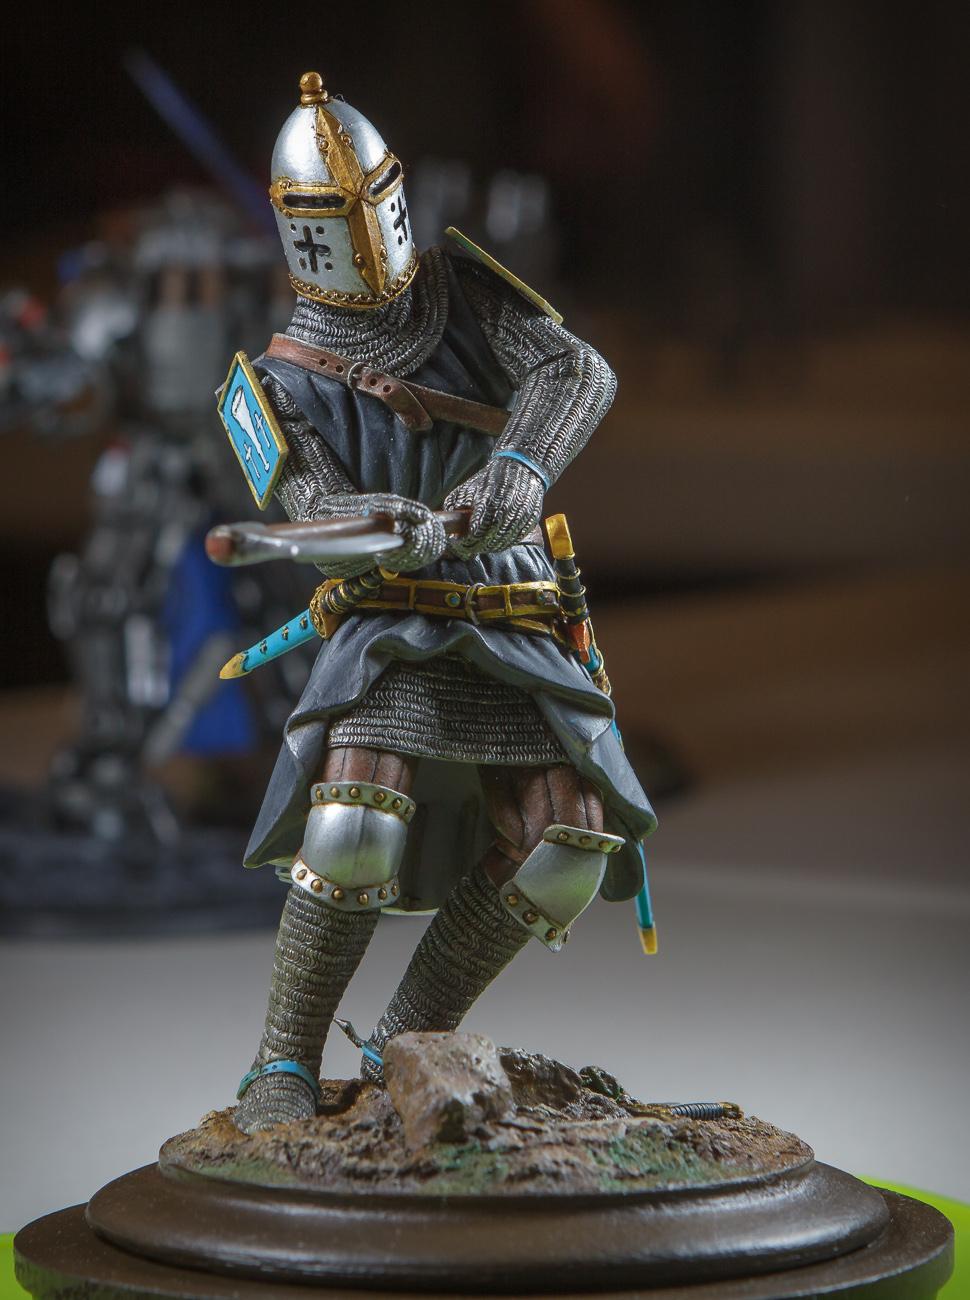 Gordon Geiger's chain-mailed knight.